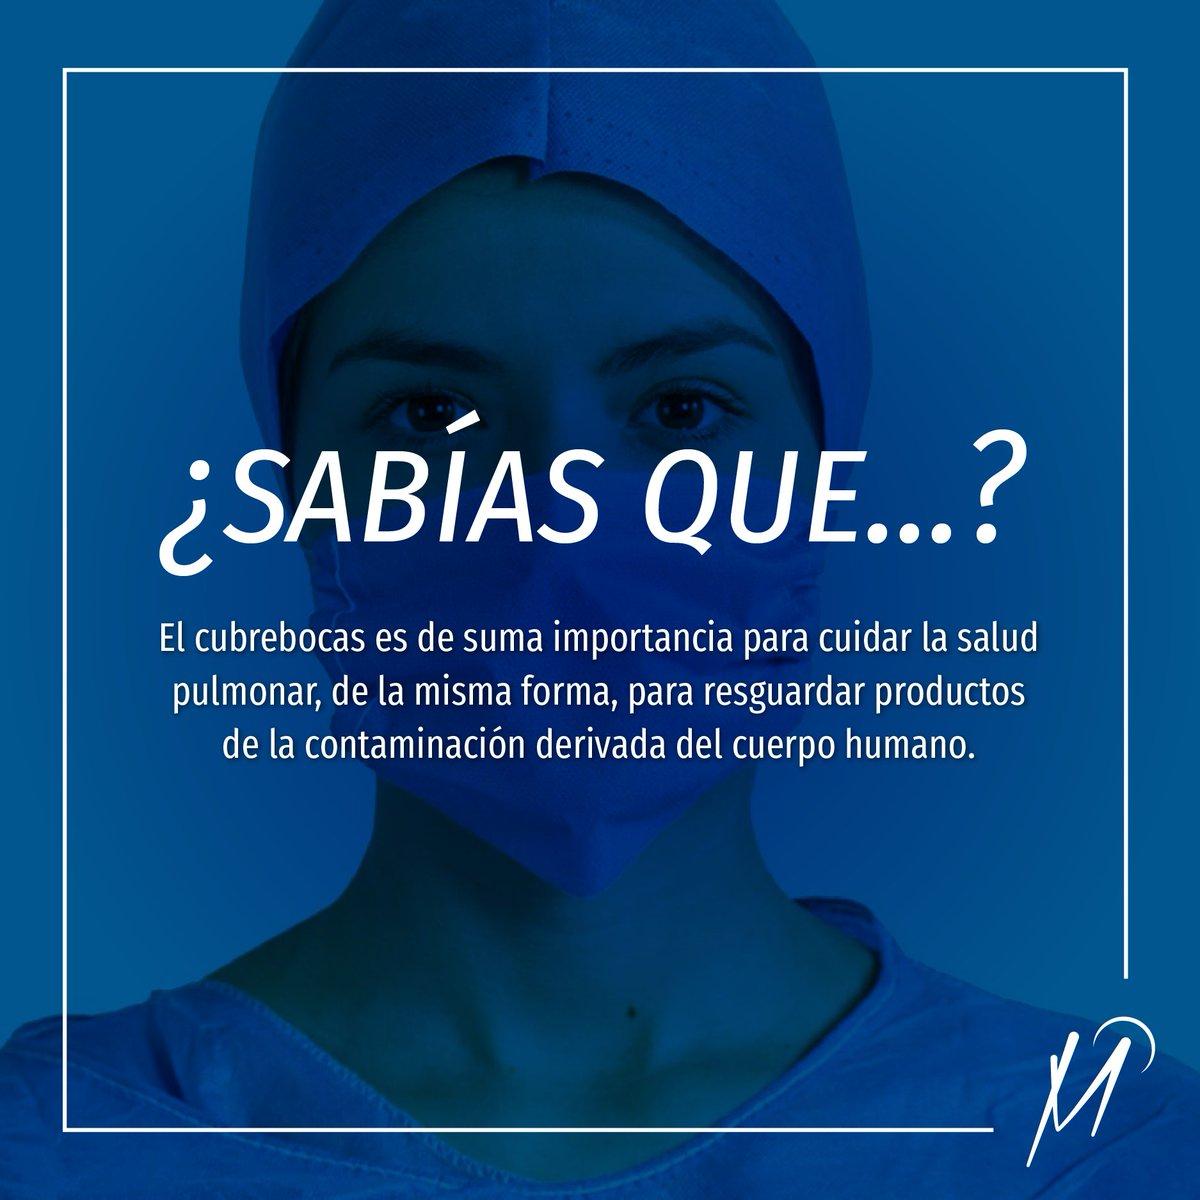 Con nosotros encontrarás el material perfecto para los cubrebocas. 😁 Montblan, tu almacén de telas tejidas y no tejidas. 🧵📋👨🏻💼👩🏻💼 Contáctanos:  ☎️ (222) 403 35 46 🔗   #Telas #Tejidos #NoTejidos #Puebla #Textil #Proyecto  #Desechables #TelaSMS #Salud